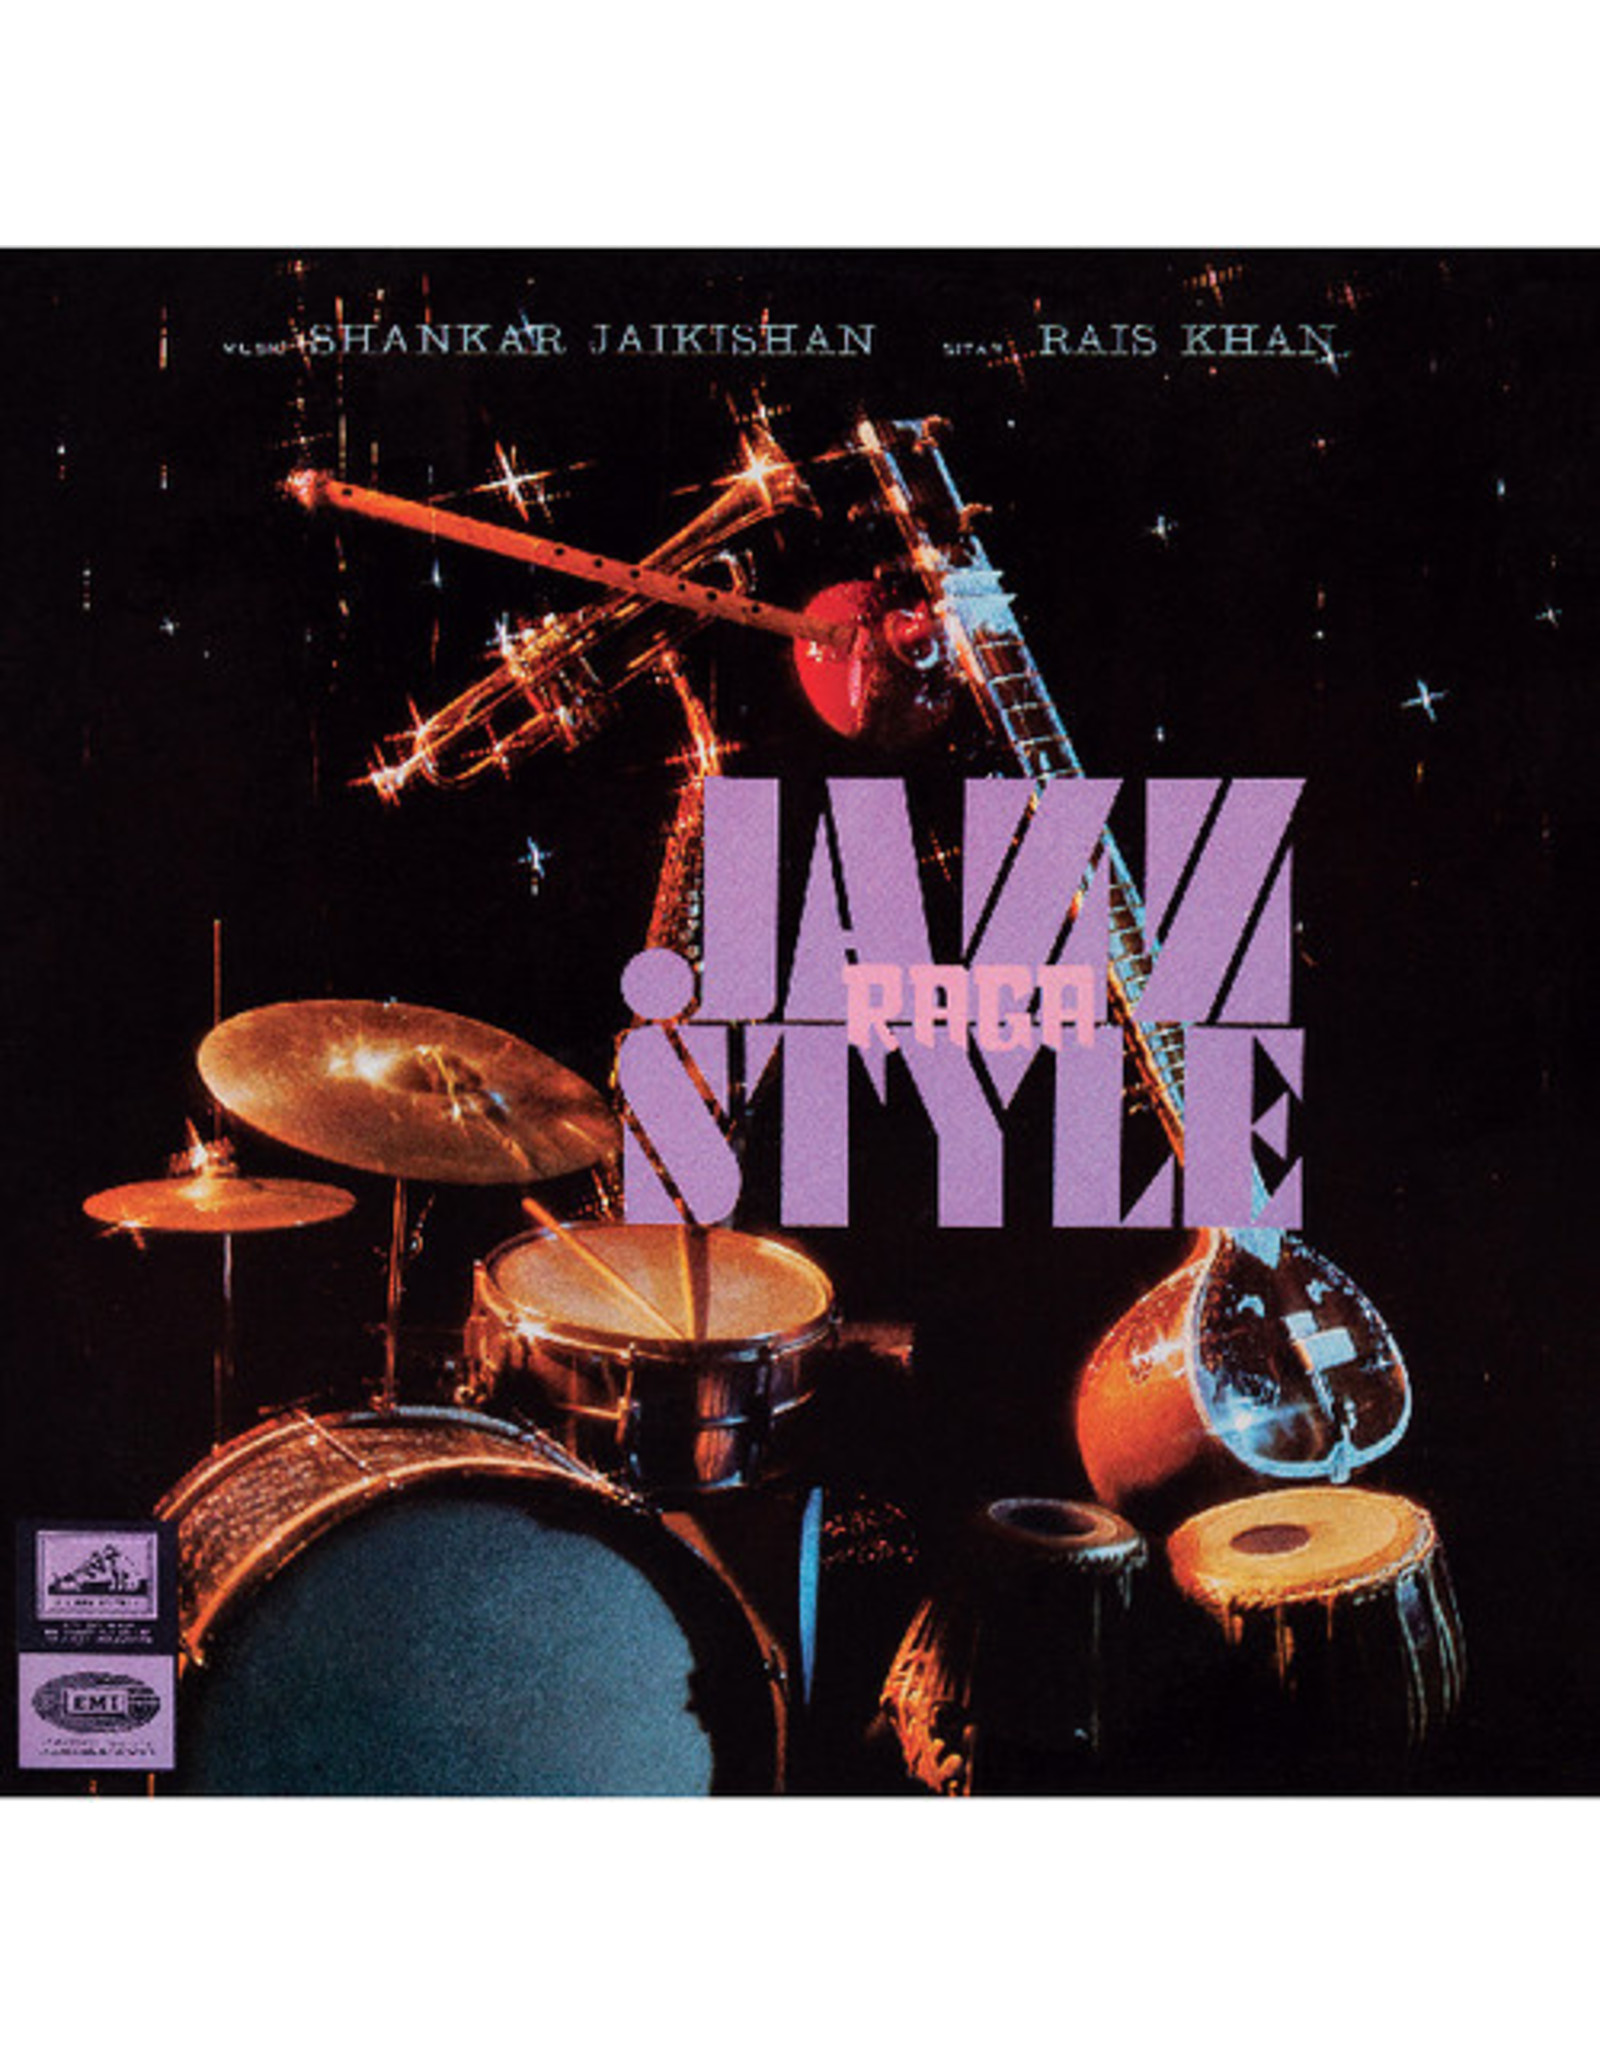 New Vinyl Shankar Jaikishan / Rais Khan - Raga Jazz Style LP